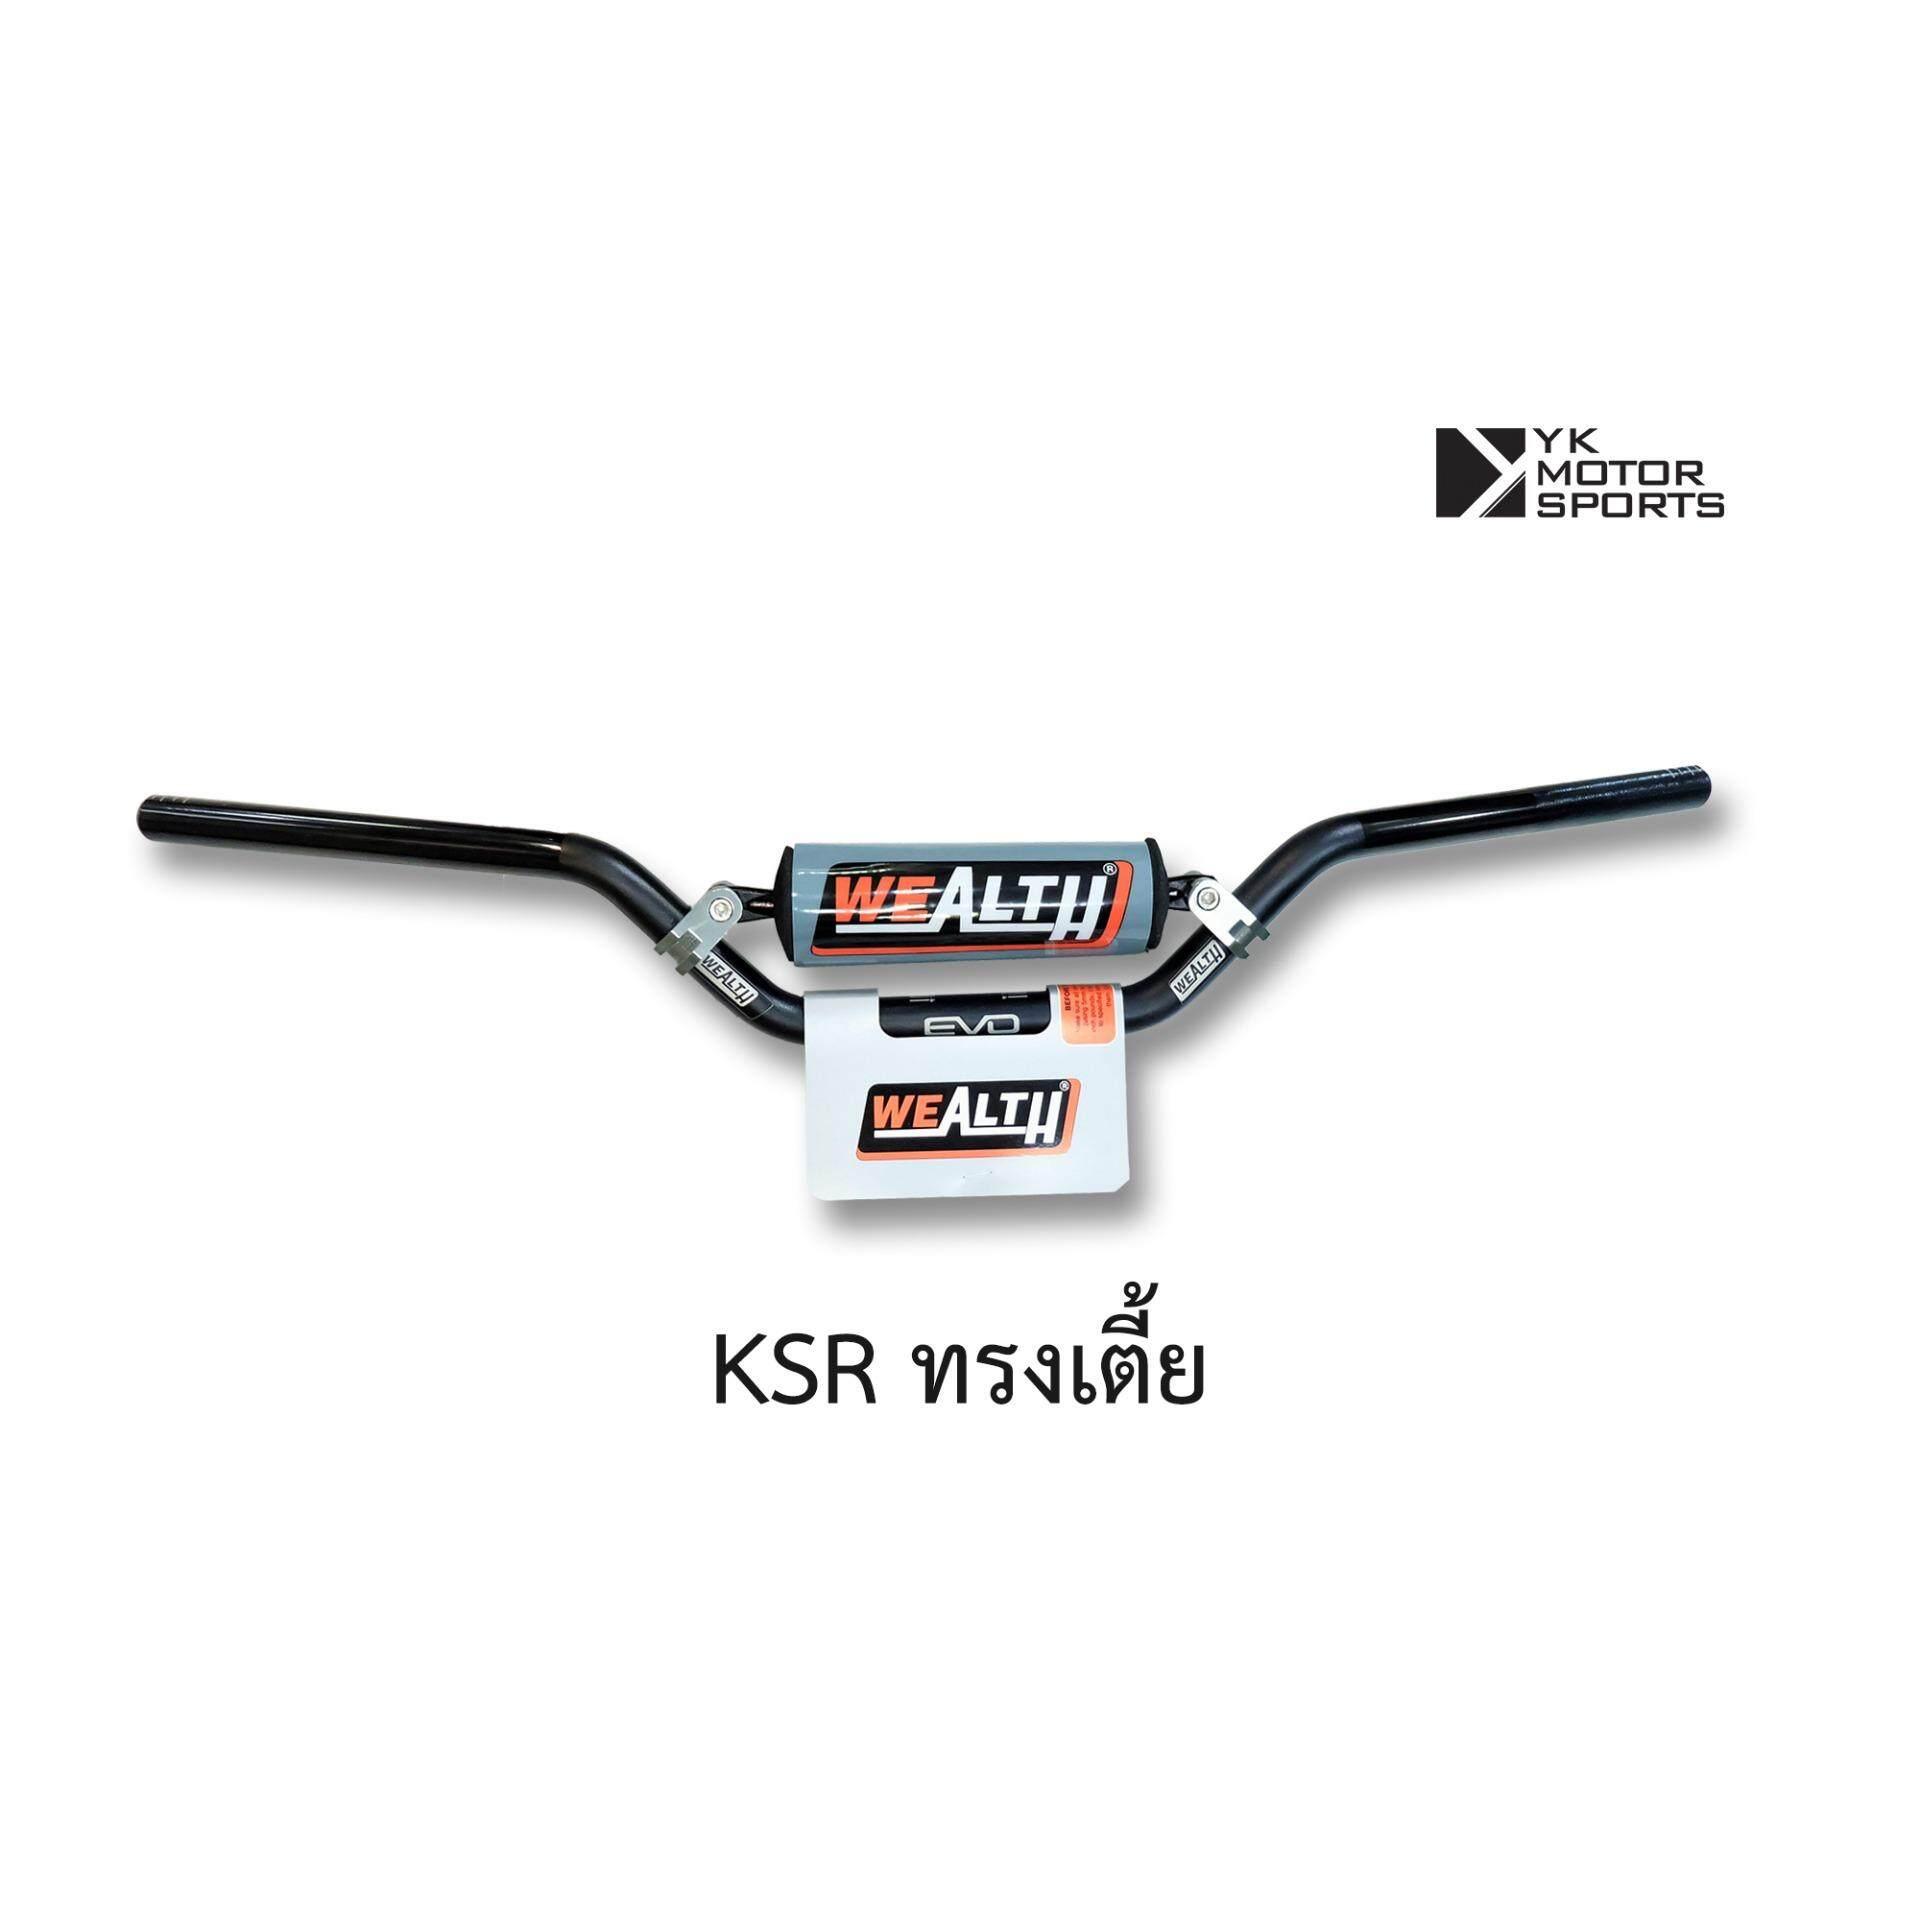 แฮนด์บาร์ WEALTH รุ่น KSR 22มิล (สีดำ-ทรงเตี้ย)